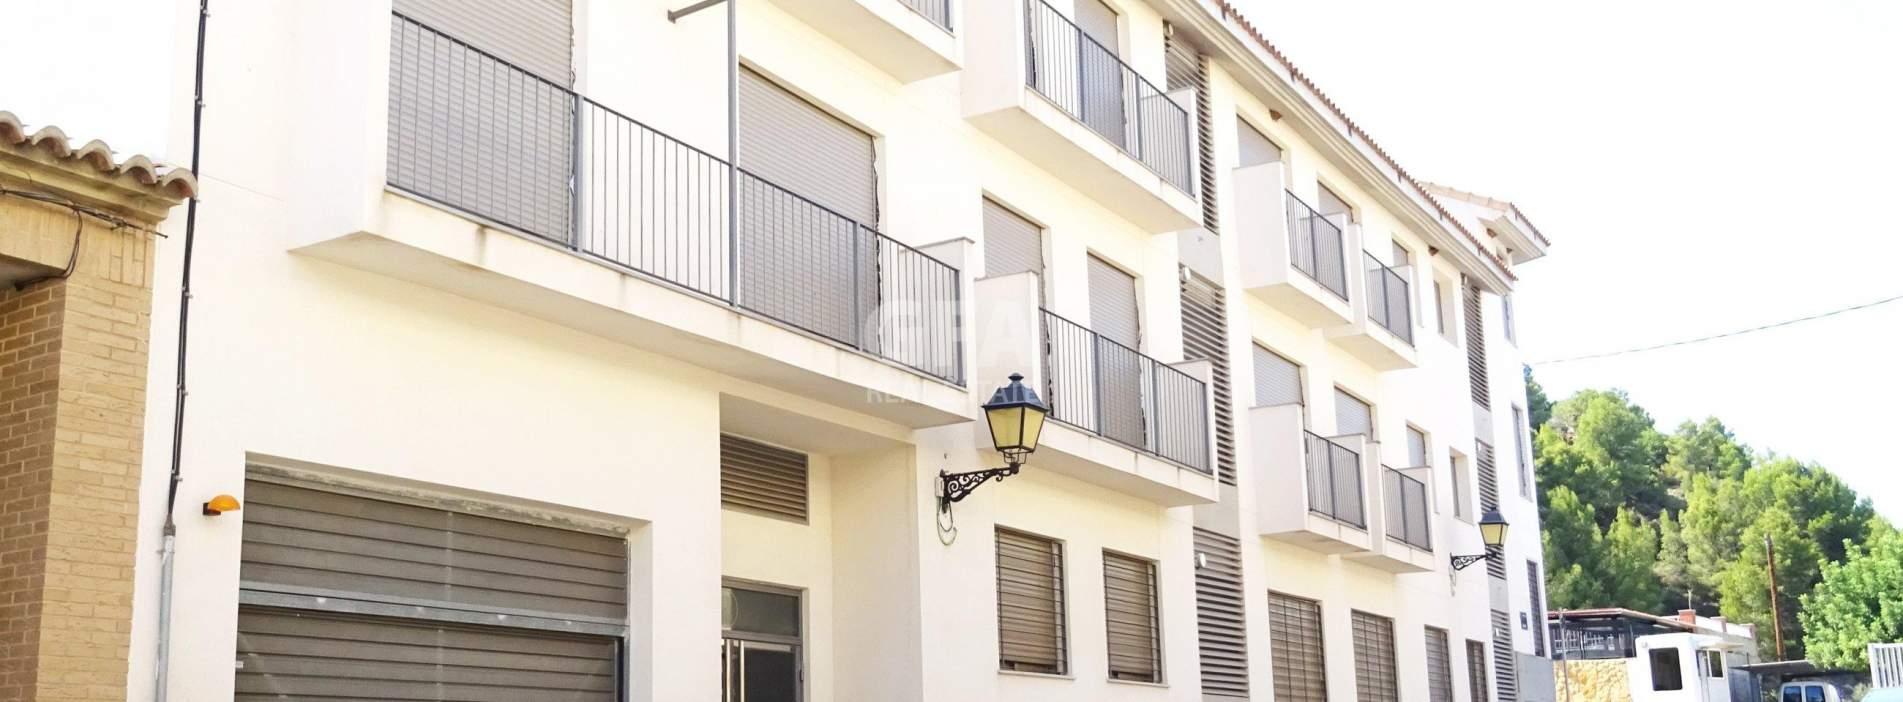 Viviendas de obra nueva en Gilet - Residencial Sagunto